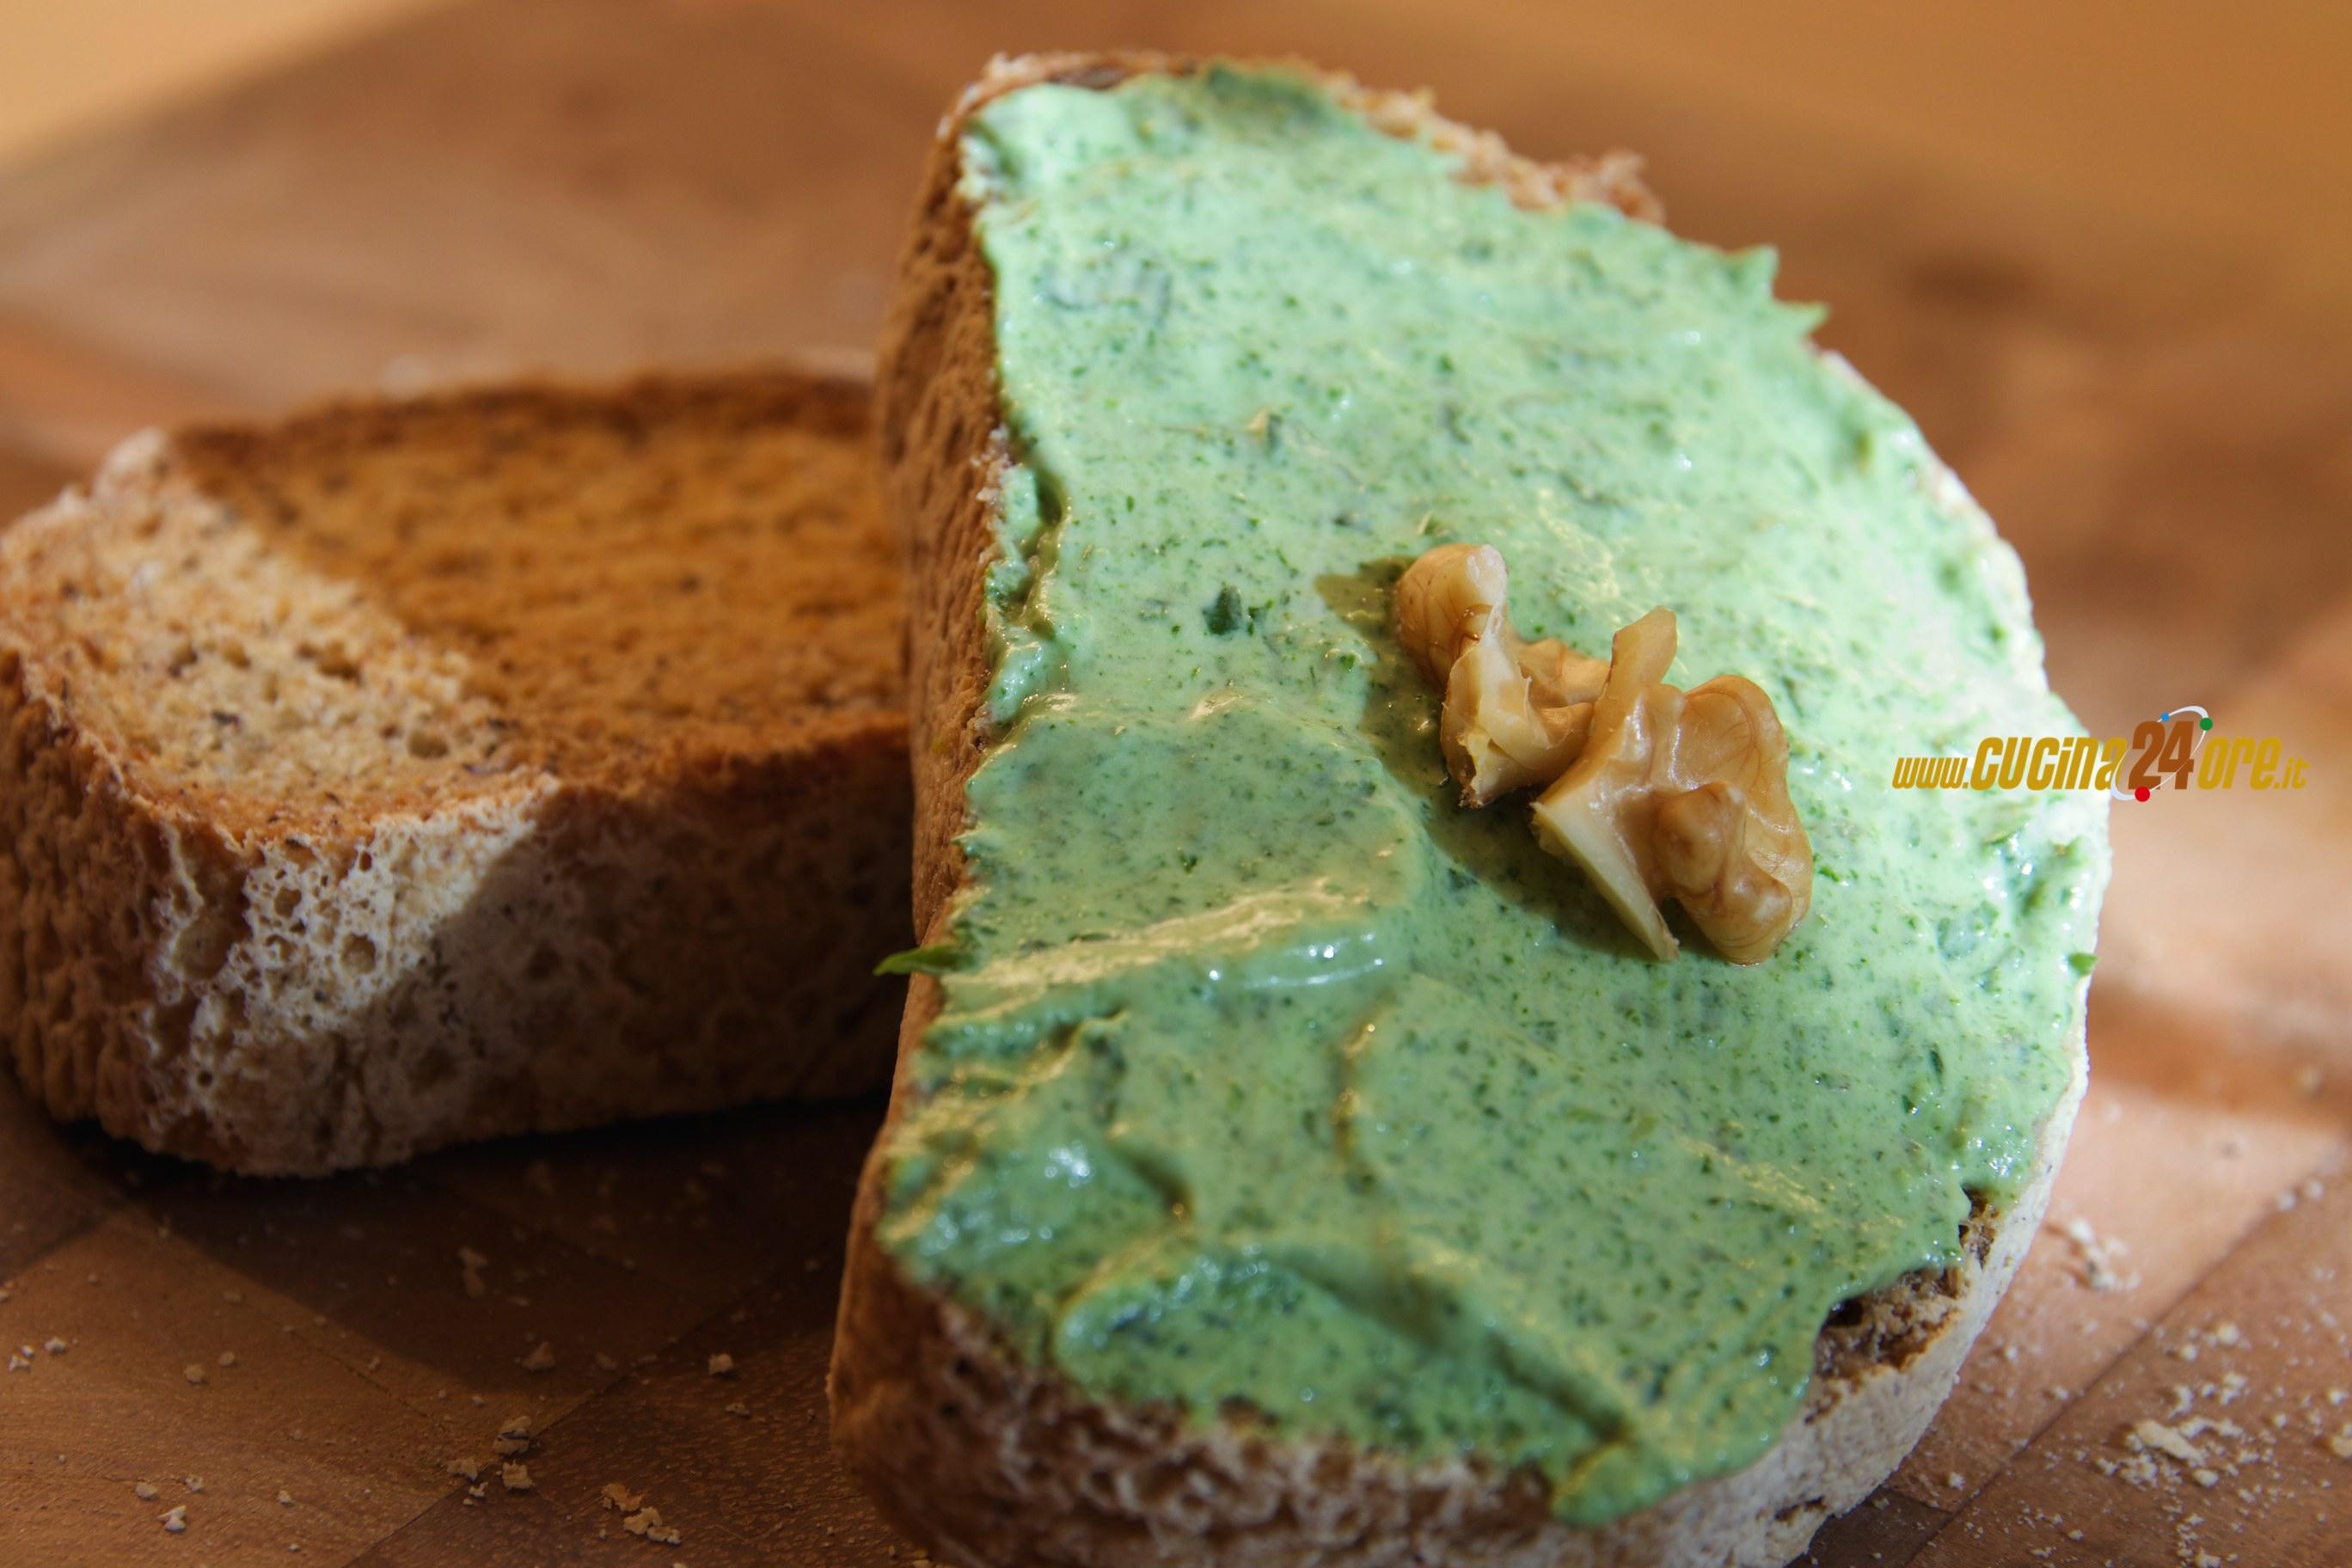 Crostini di Pane al Grano Saraceno con Pesto di Rucola e Noci Anche Senza Glutine